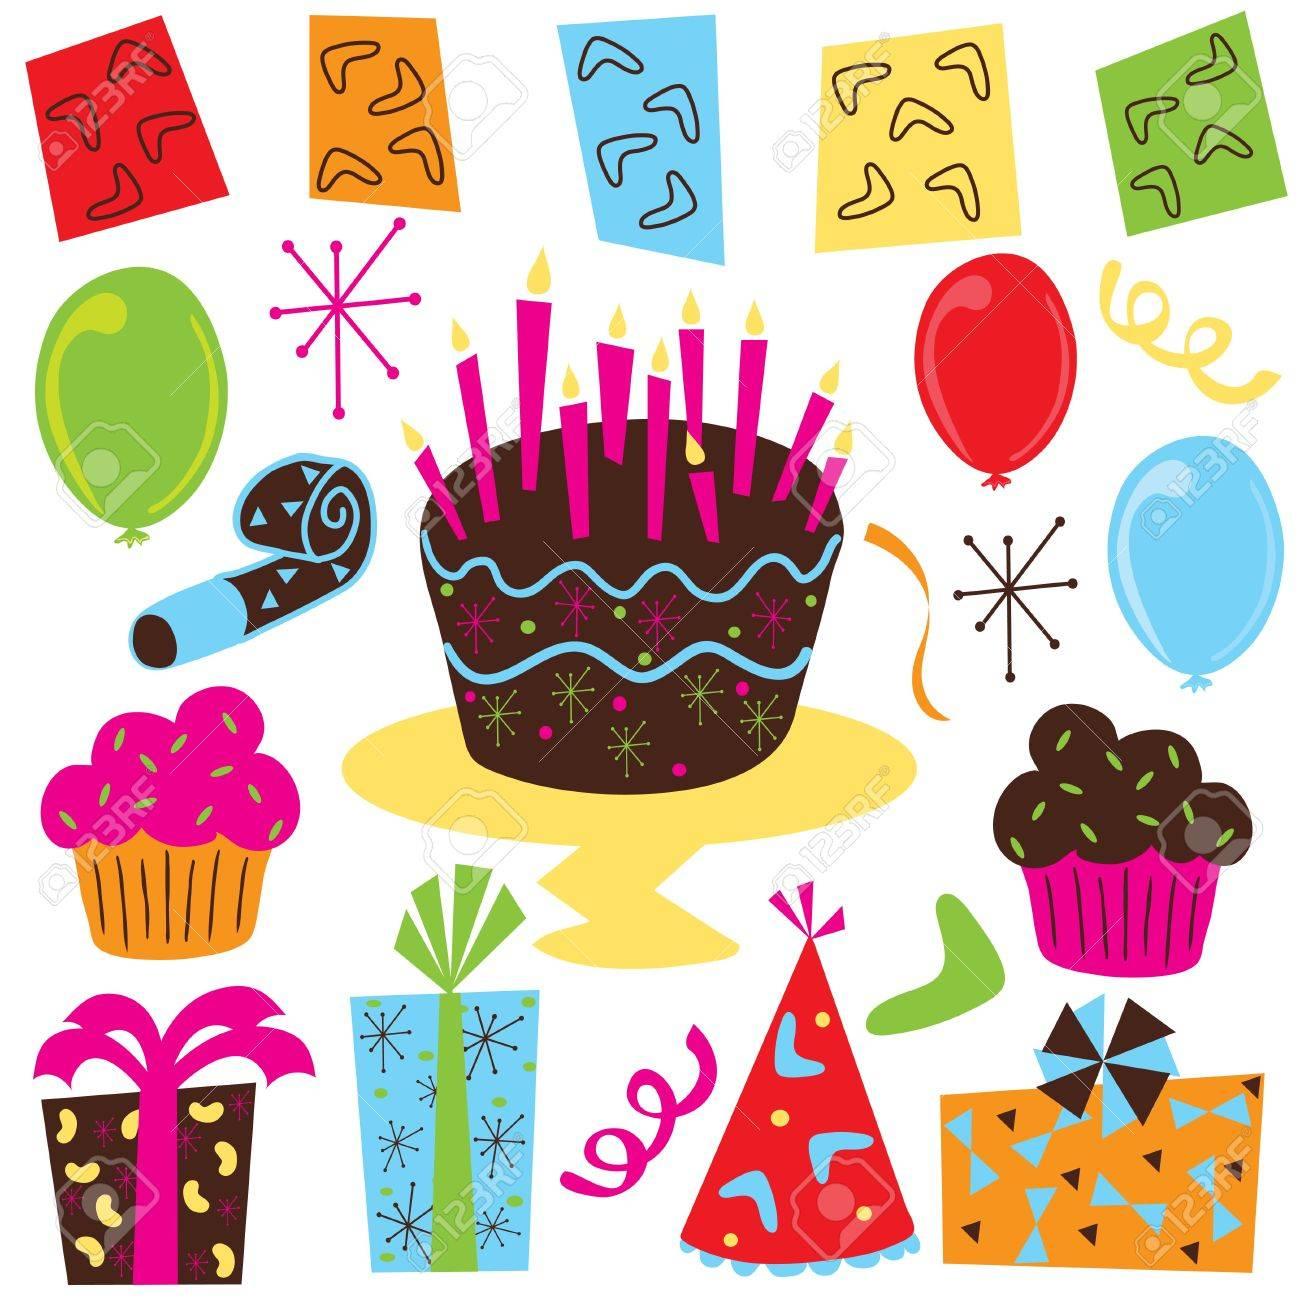 Retro Party Geburtstag Clipart Geburtstag Mit Kuchen Cupcakes